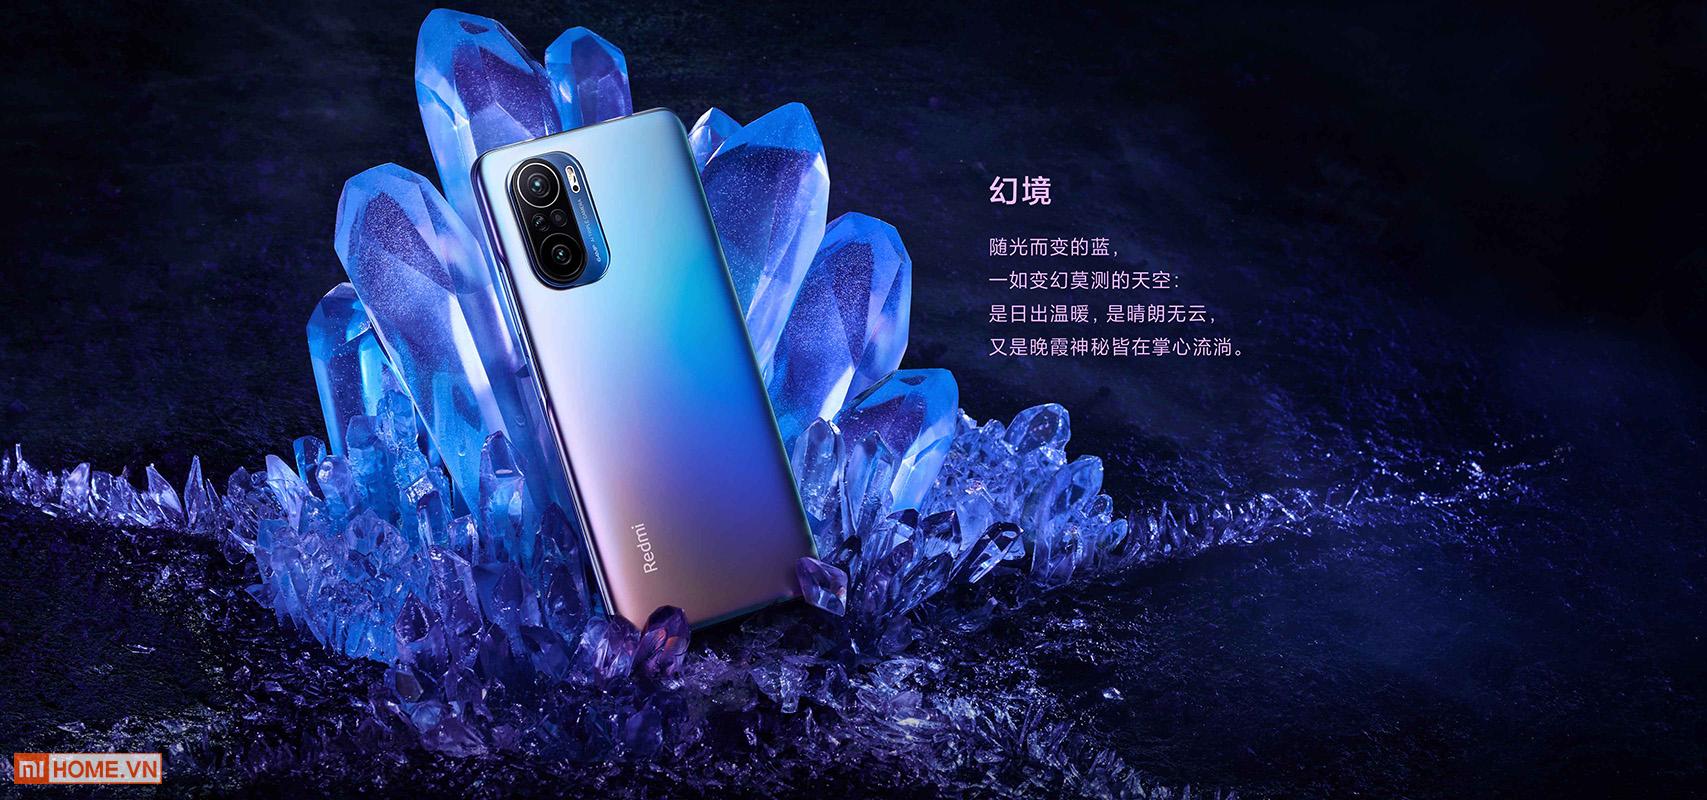 Xiaomi Redmi K40 Pro Plus 21